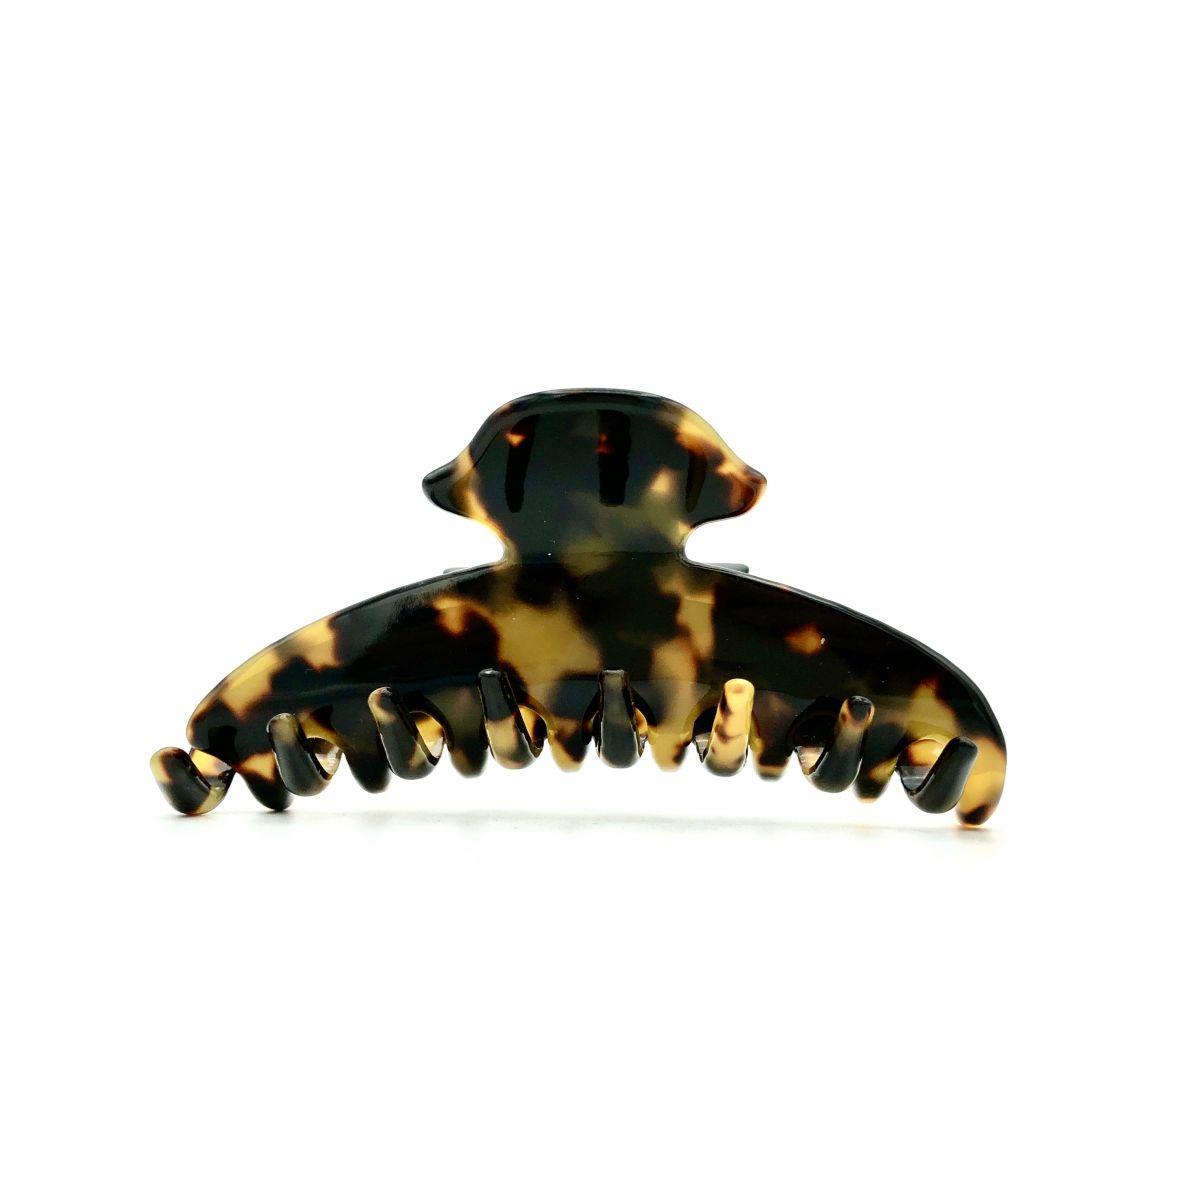 Haarklammer schwarz/honig - mittel, eng - 9 cm